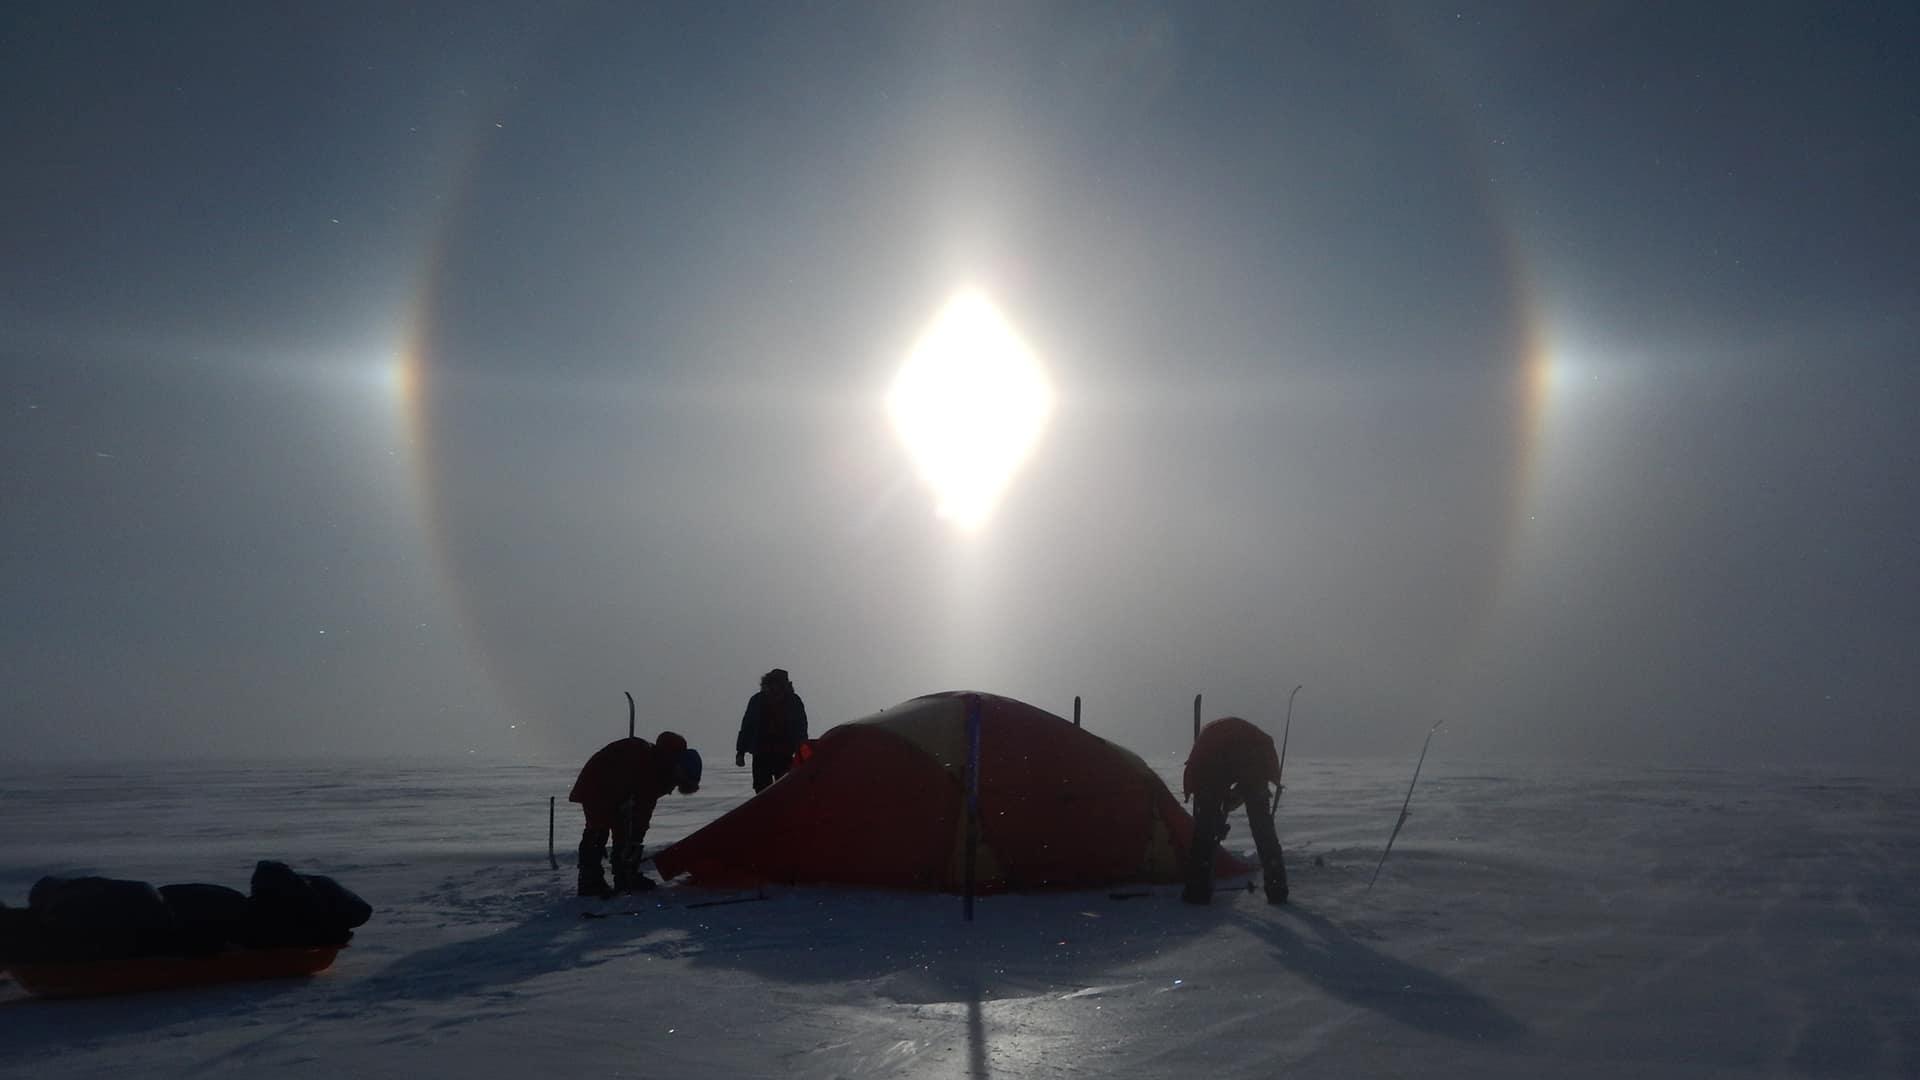 Indlandsisen, på ski i verdens mest øde område, foredrag, Erik B. Jørgensen, bisol over teltlejren